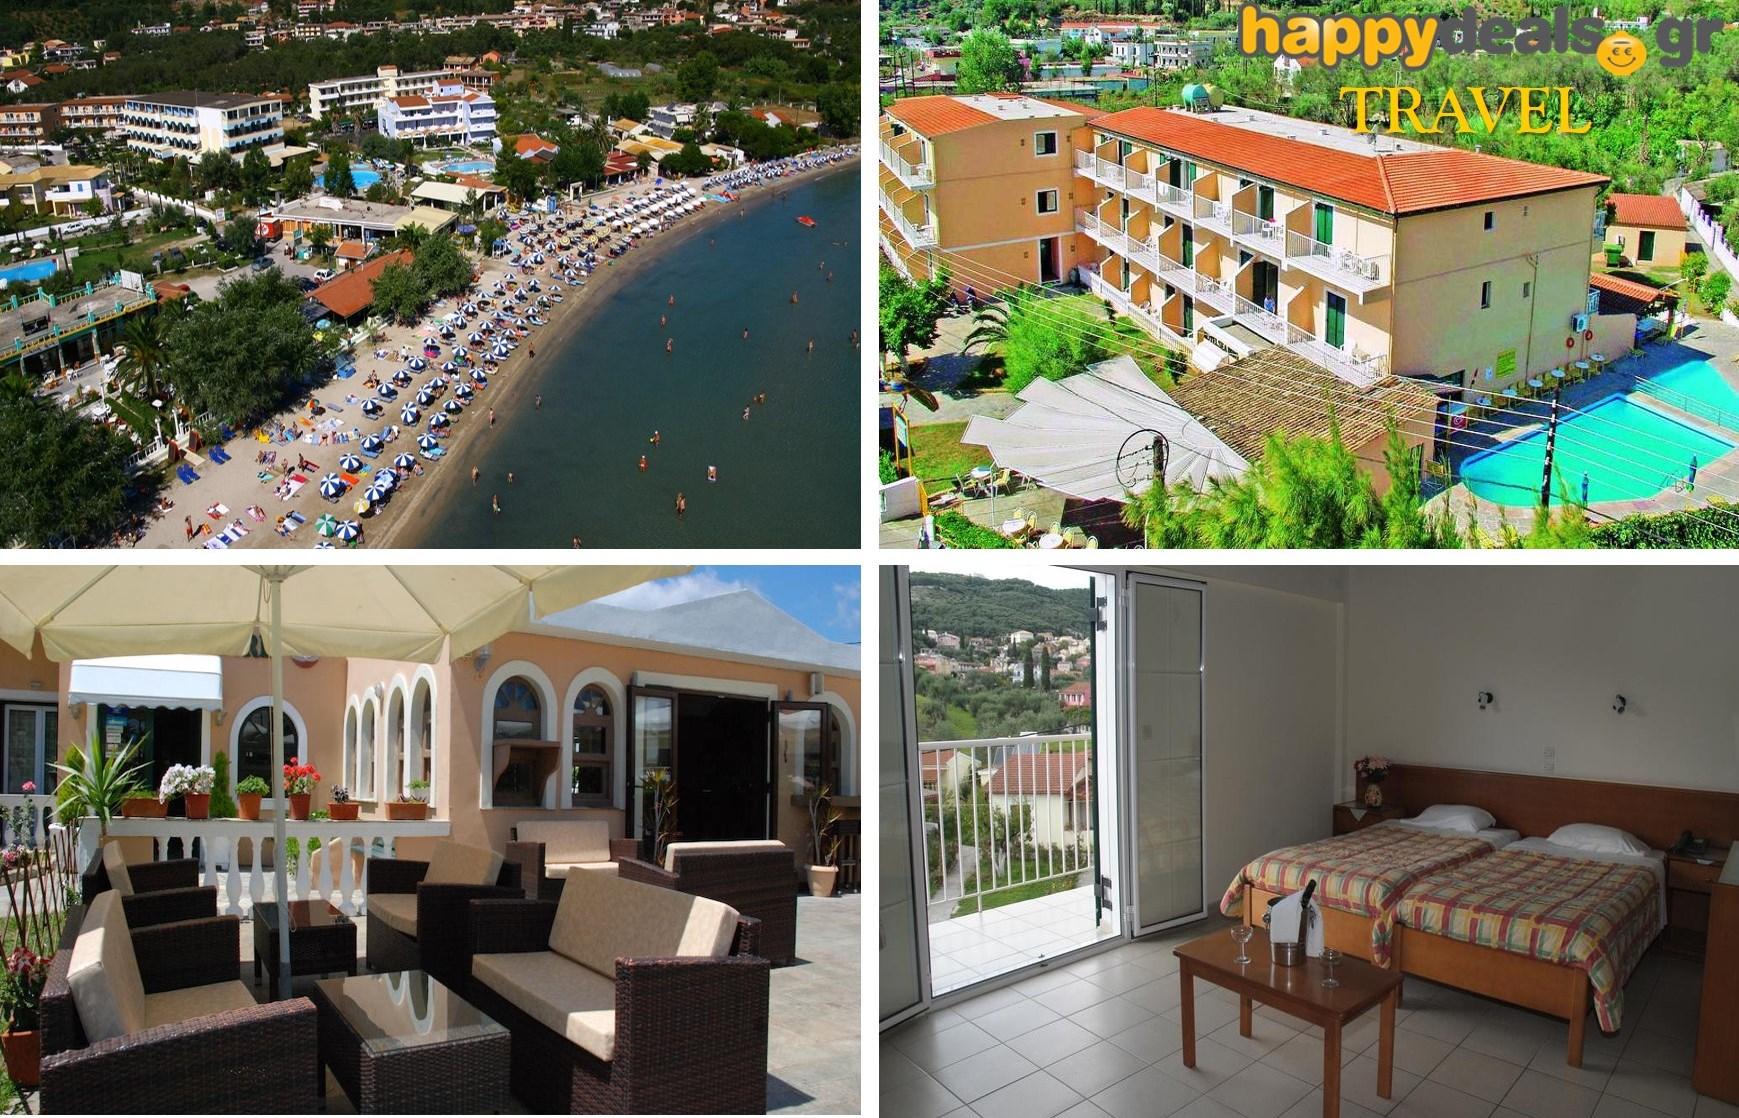 Διακοπές στη ΚΕΡΚΥΡΑ: Από 222€ για 5ήμερη απόδραση